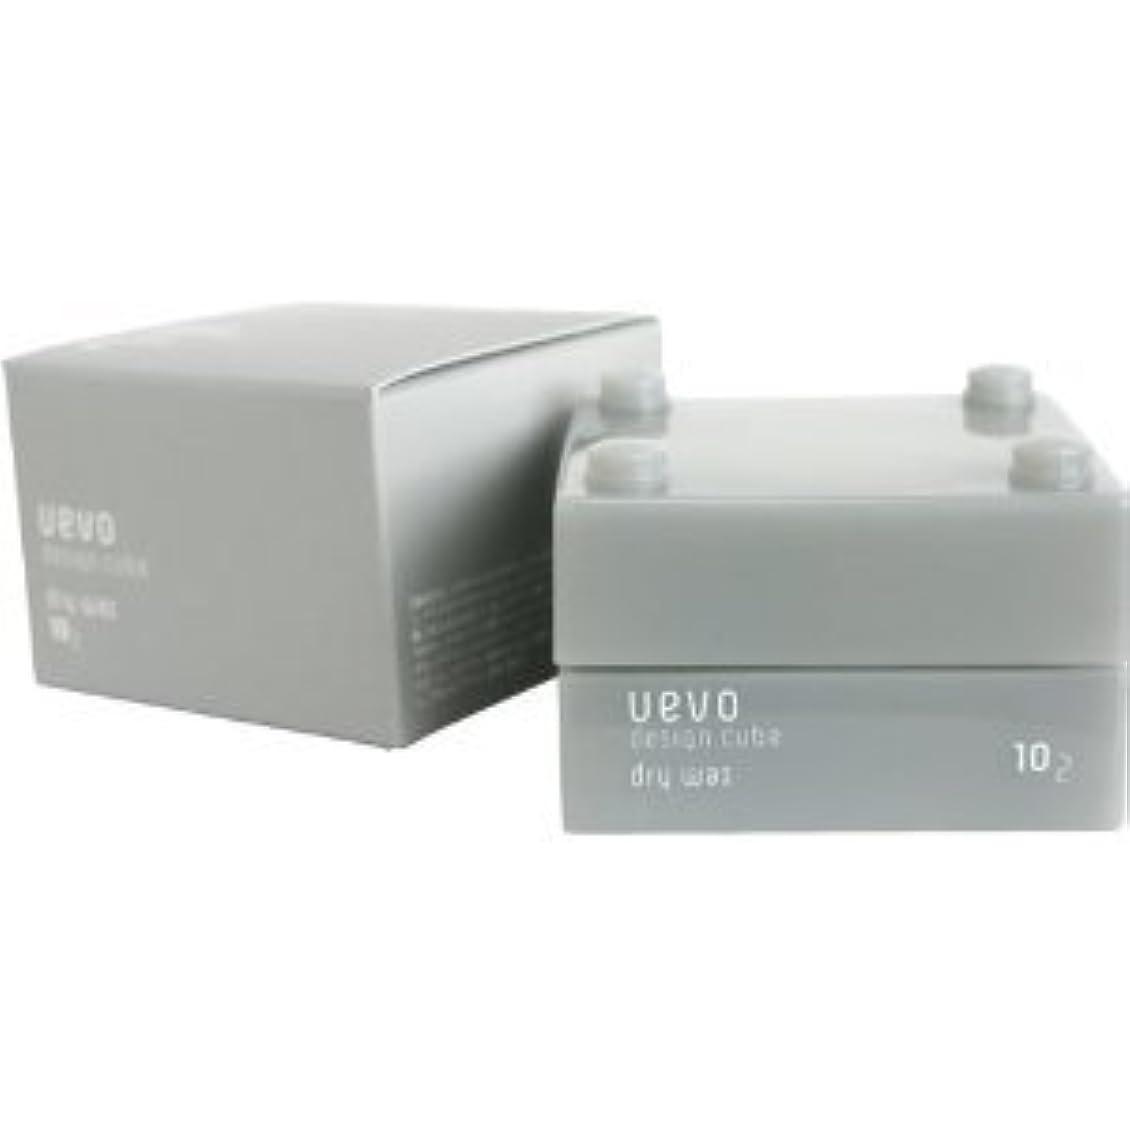 モスアンペアフラフープ【X3個セット】 デミ ウェーボ デザインキューブ ドライワックス 30g dry wax DEMI uevo design cube